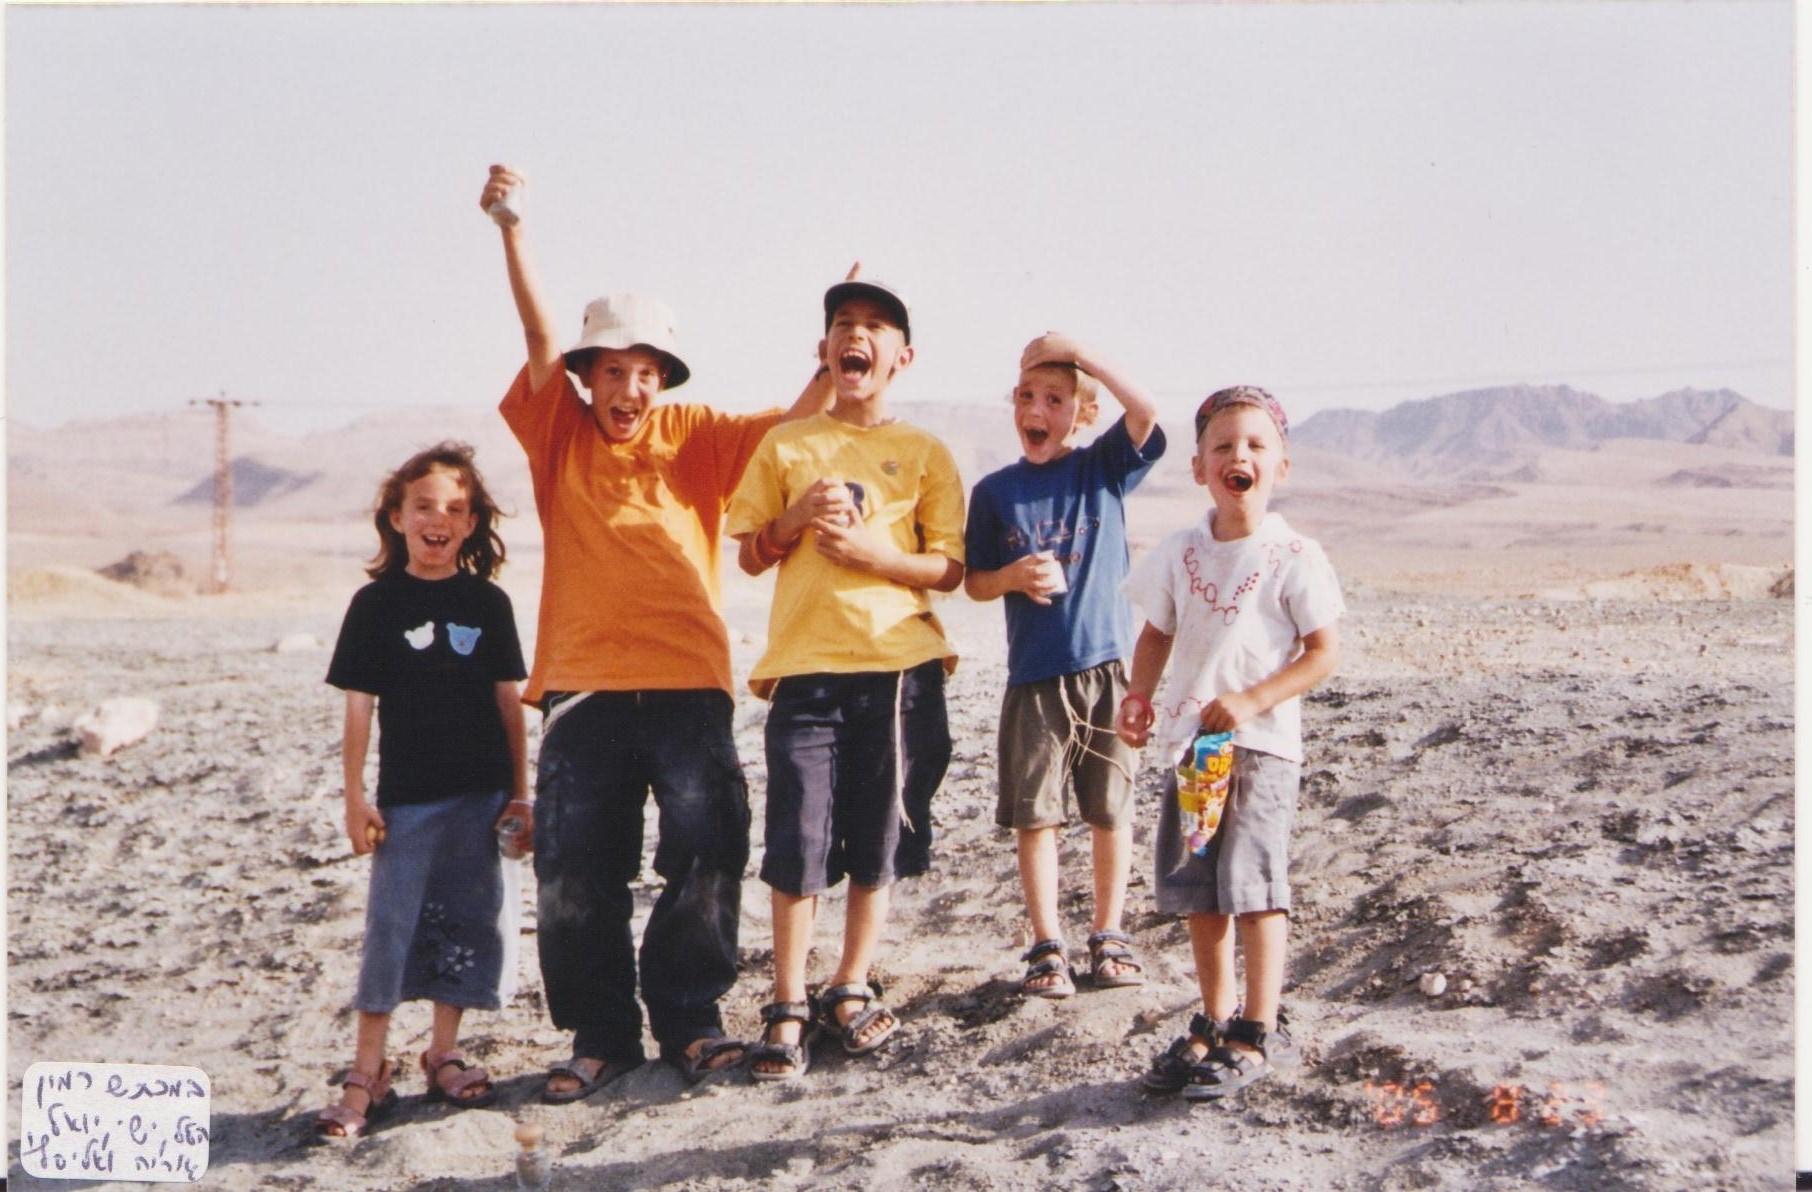 קיץ תשסה ישי עם האחיינים ילדי רוט במצפה רמון